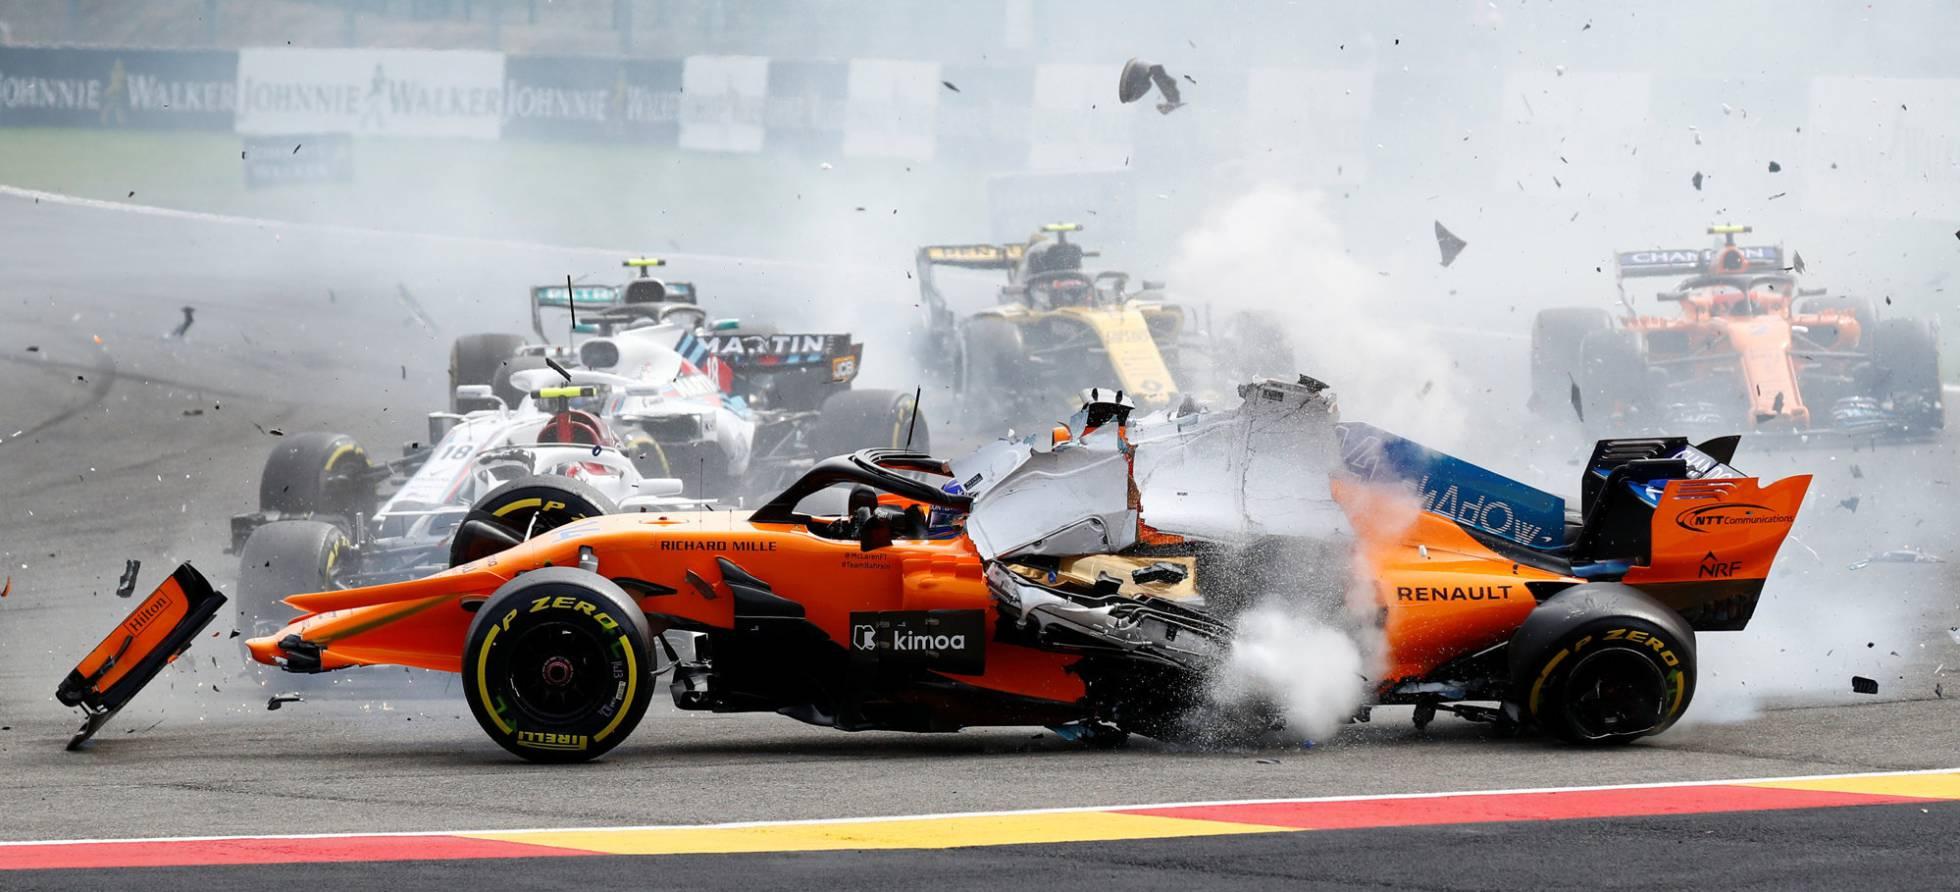 Circuito Fernando Alonso Accidente : Muere un niño de años cuando entrenaba en el circuito de karts